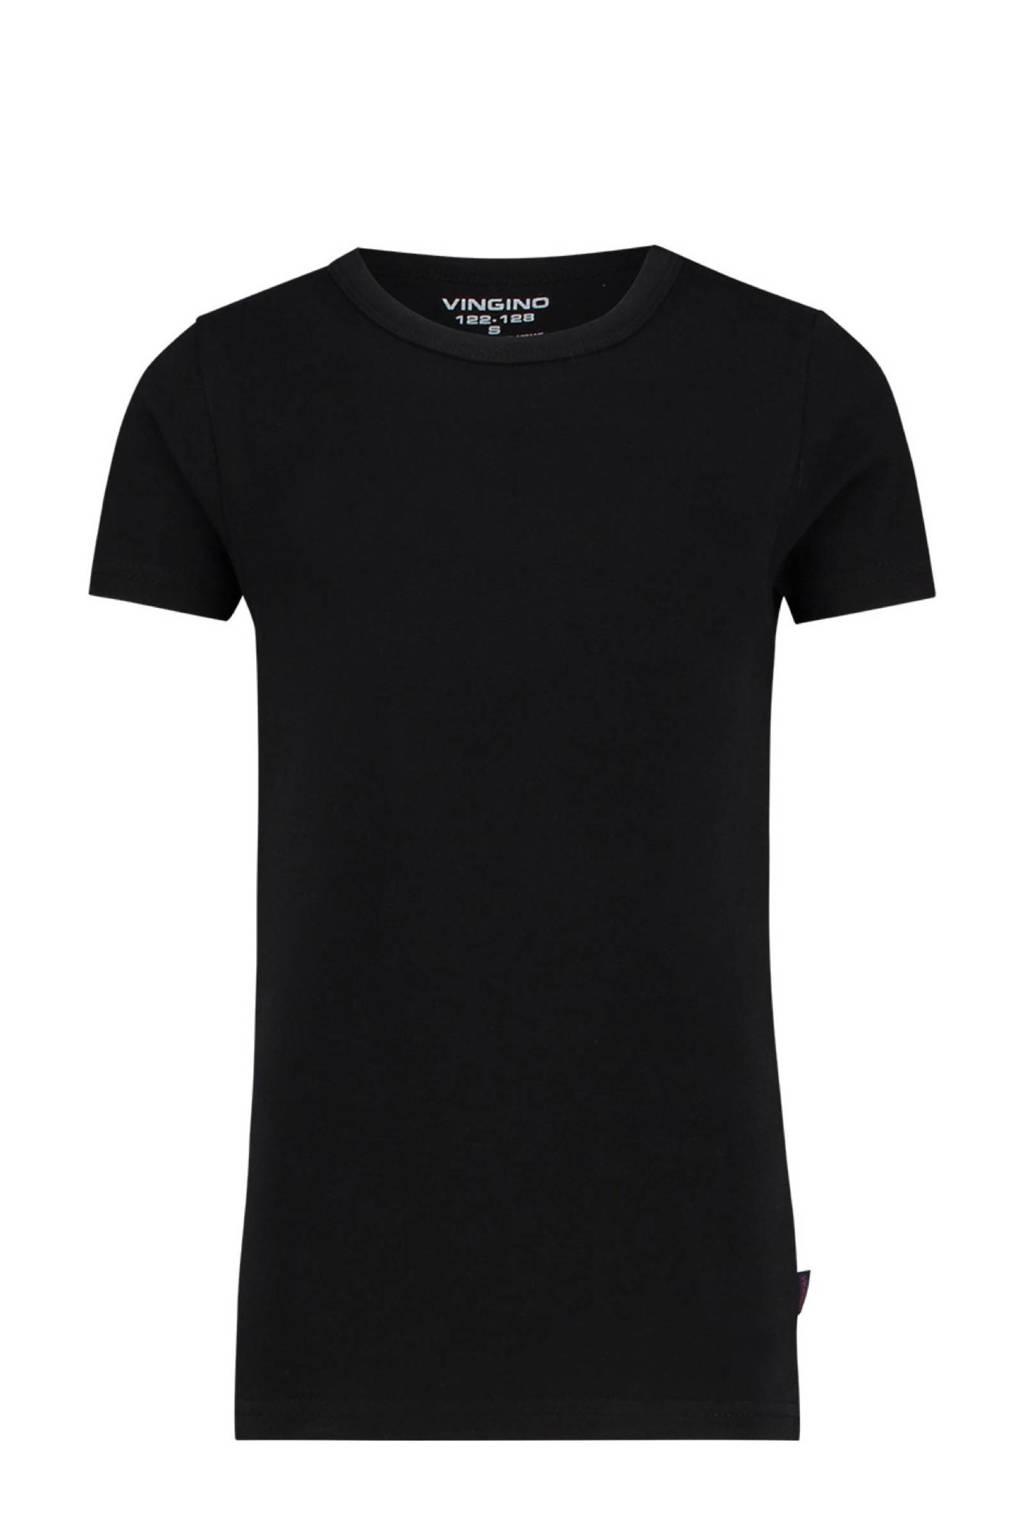 Vingino T-shirt zwart, Zwart